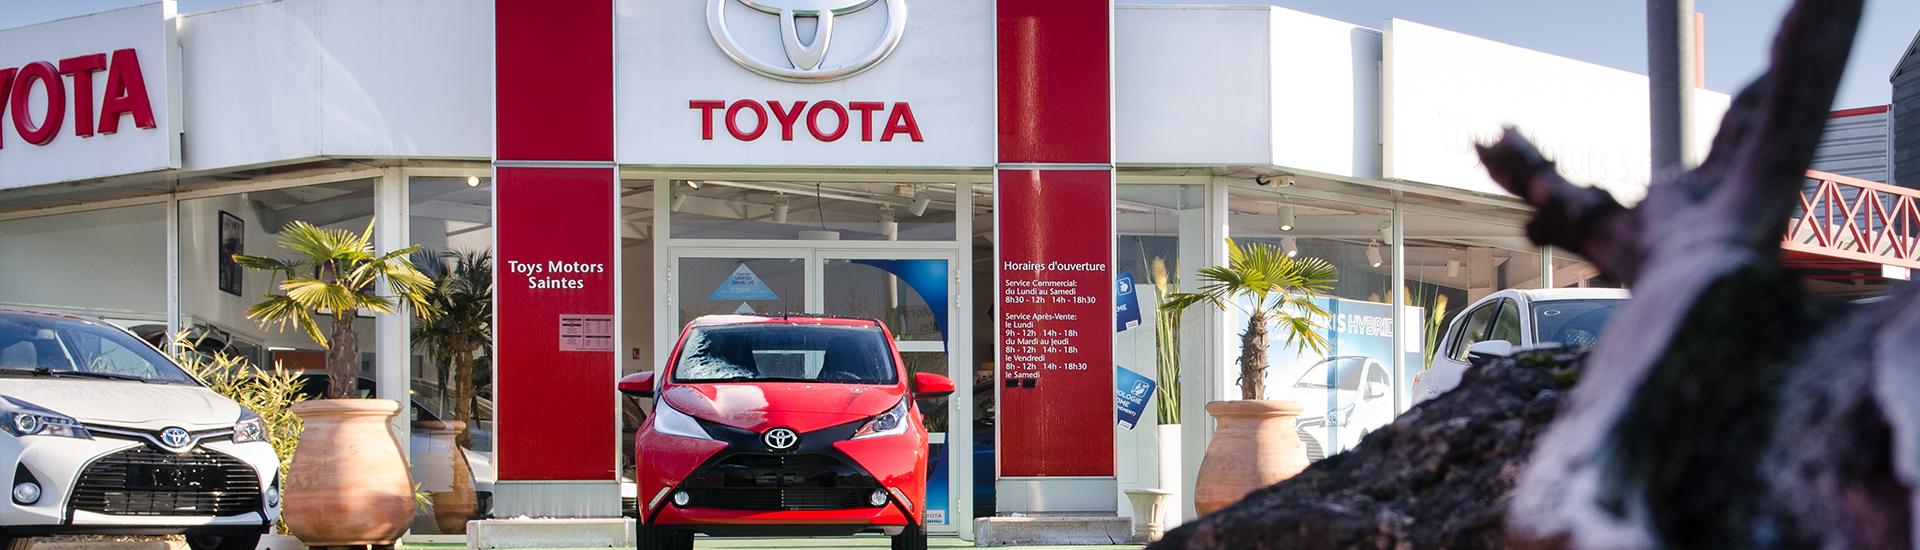 Concession TOYOTA Toys Motors à Saintes en Charente-Maritime (17).